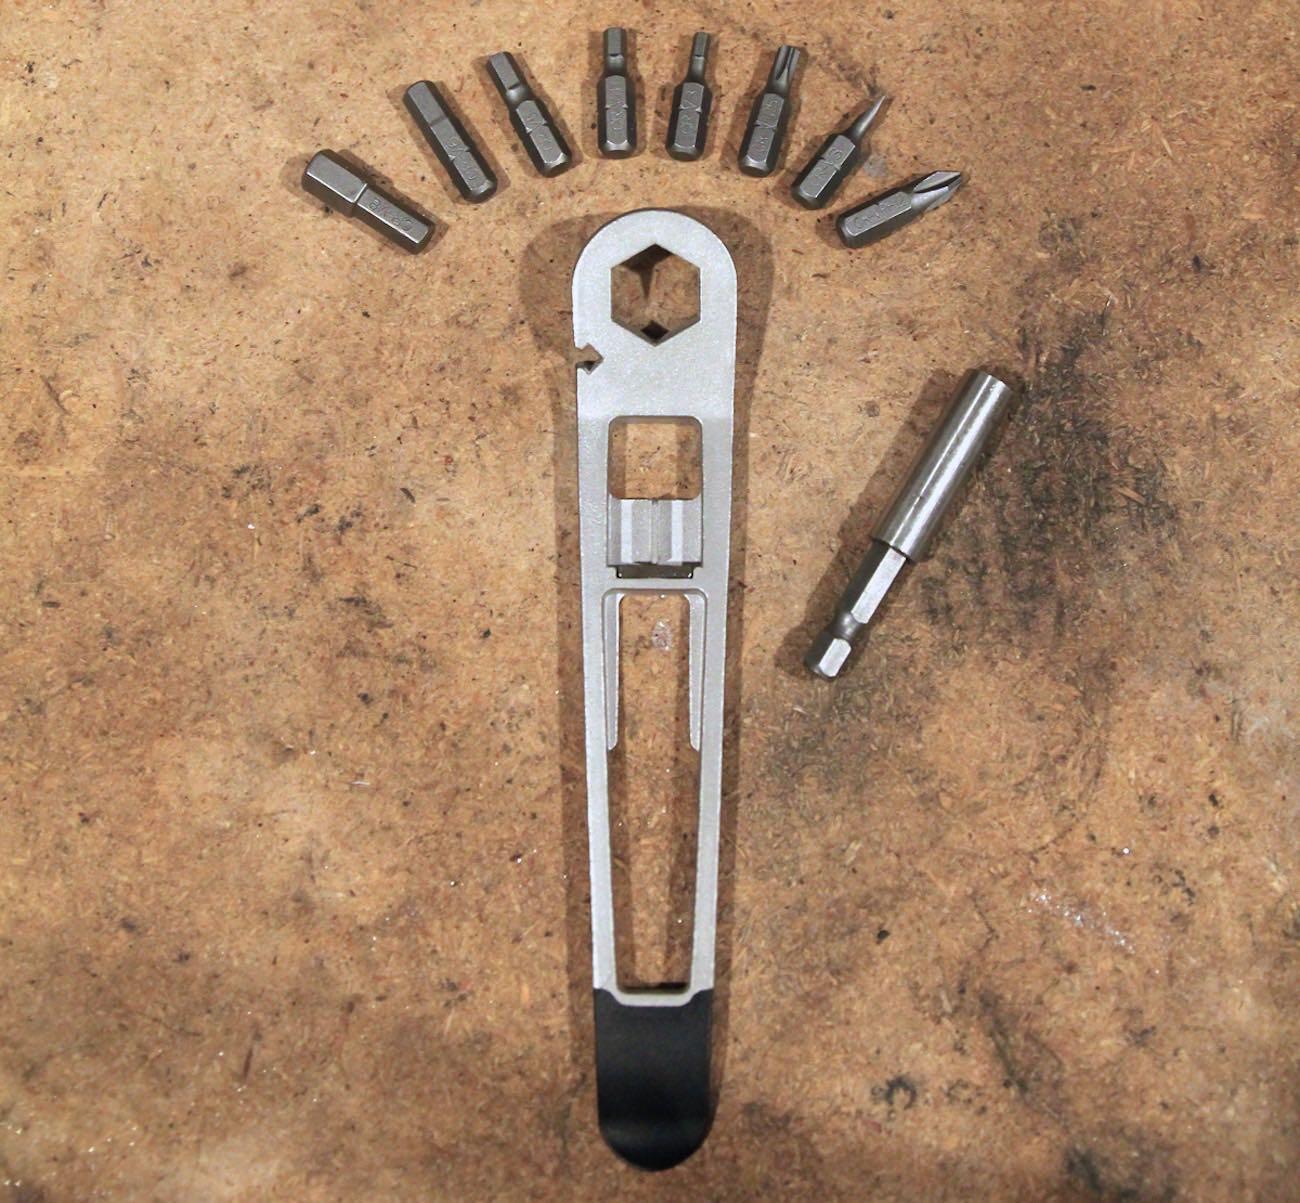 Nutter Multi Tool by Full Windsor